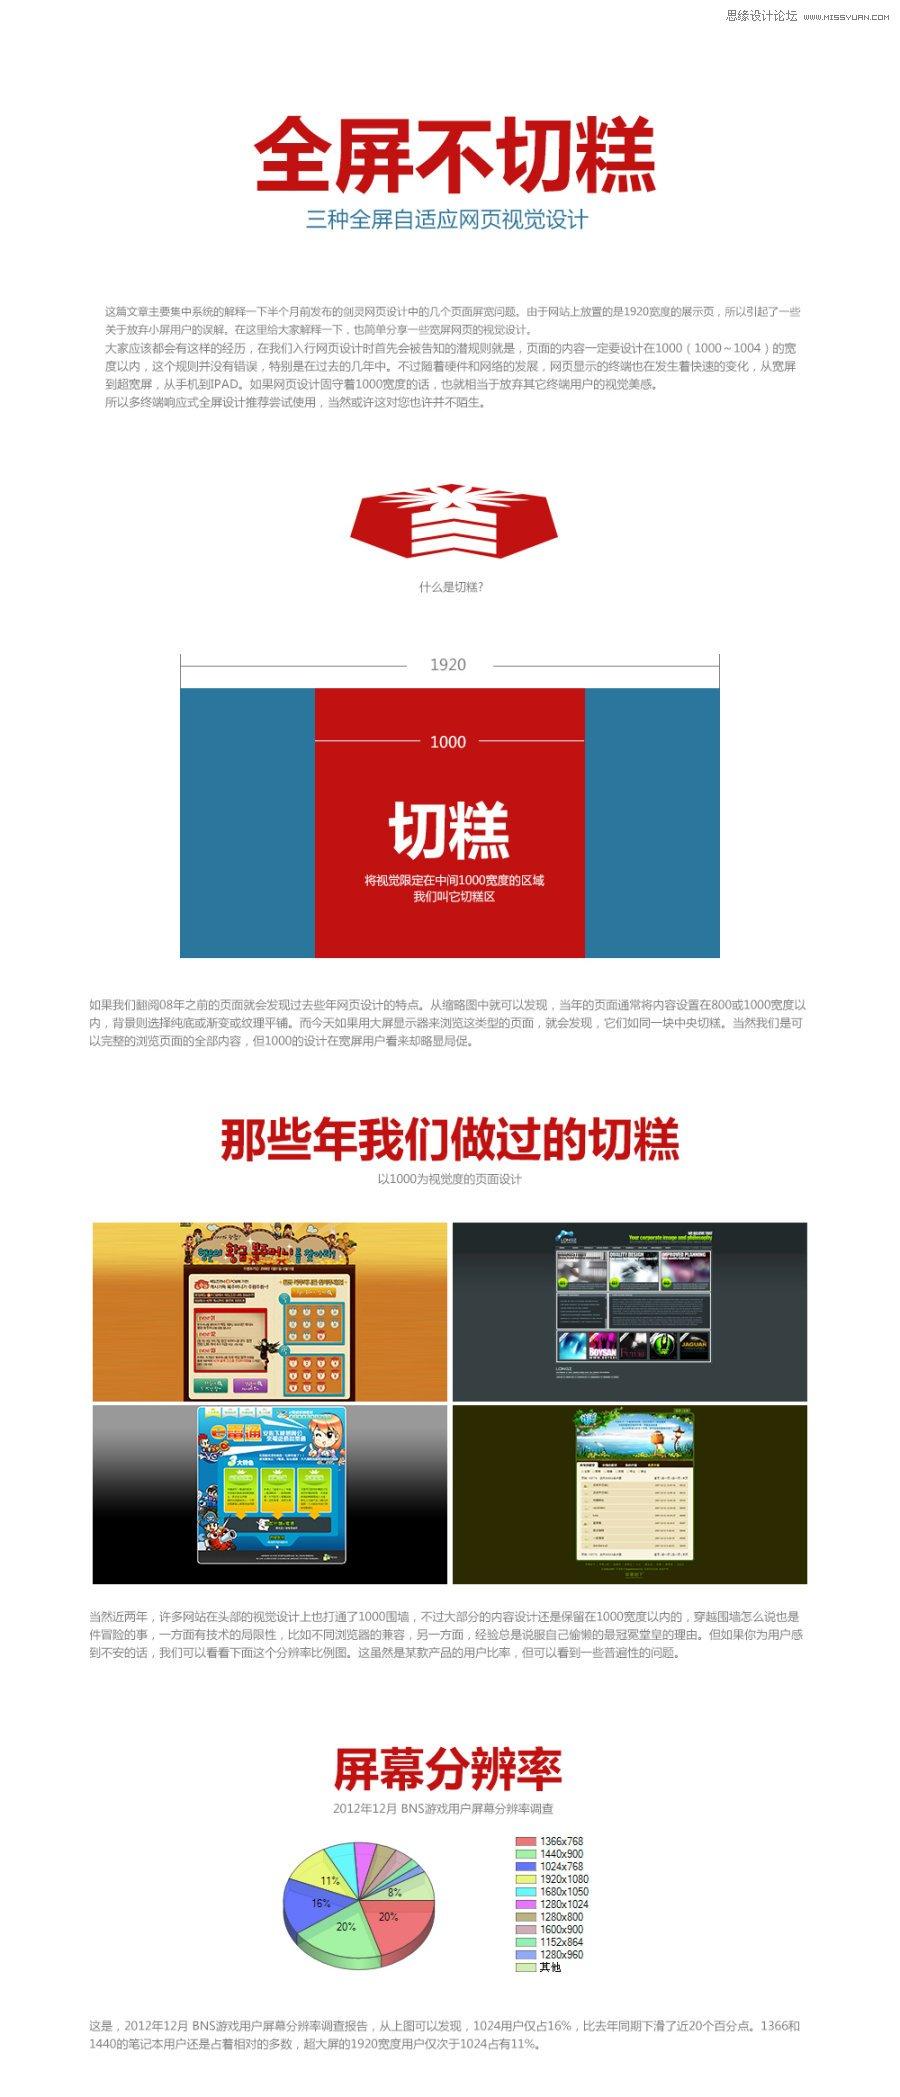 三种全屏自适应网页视觉设计心得